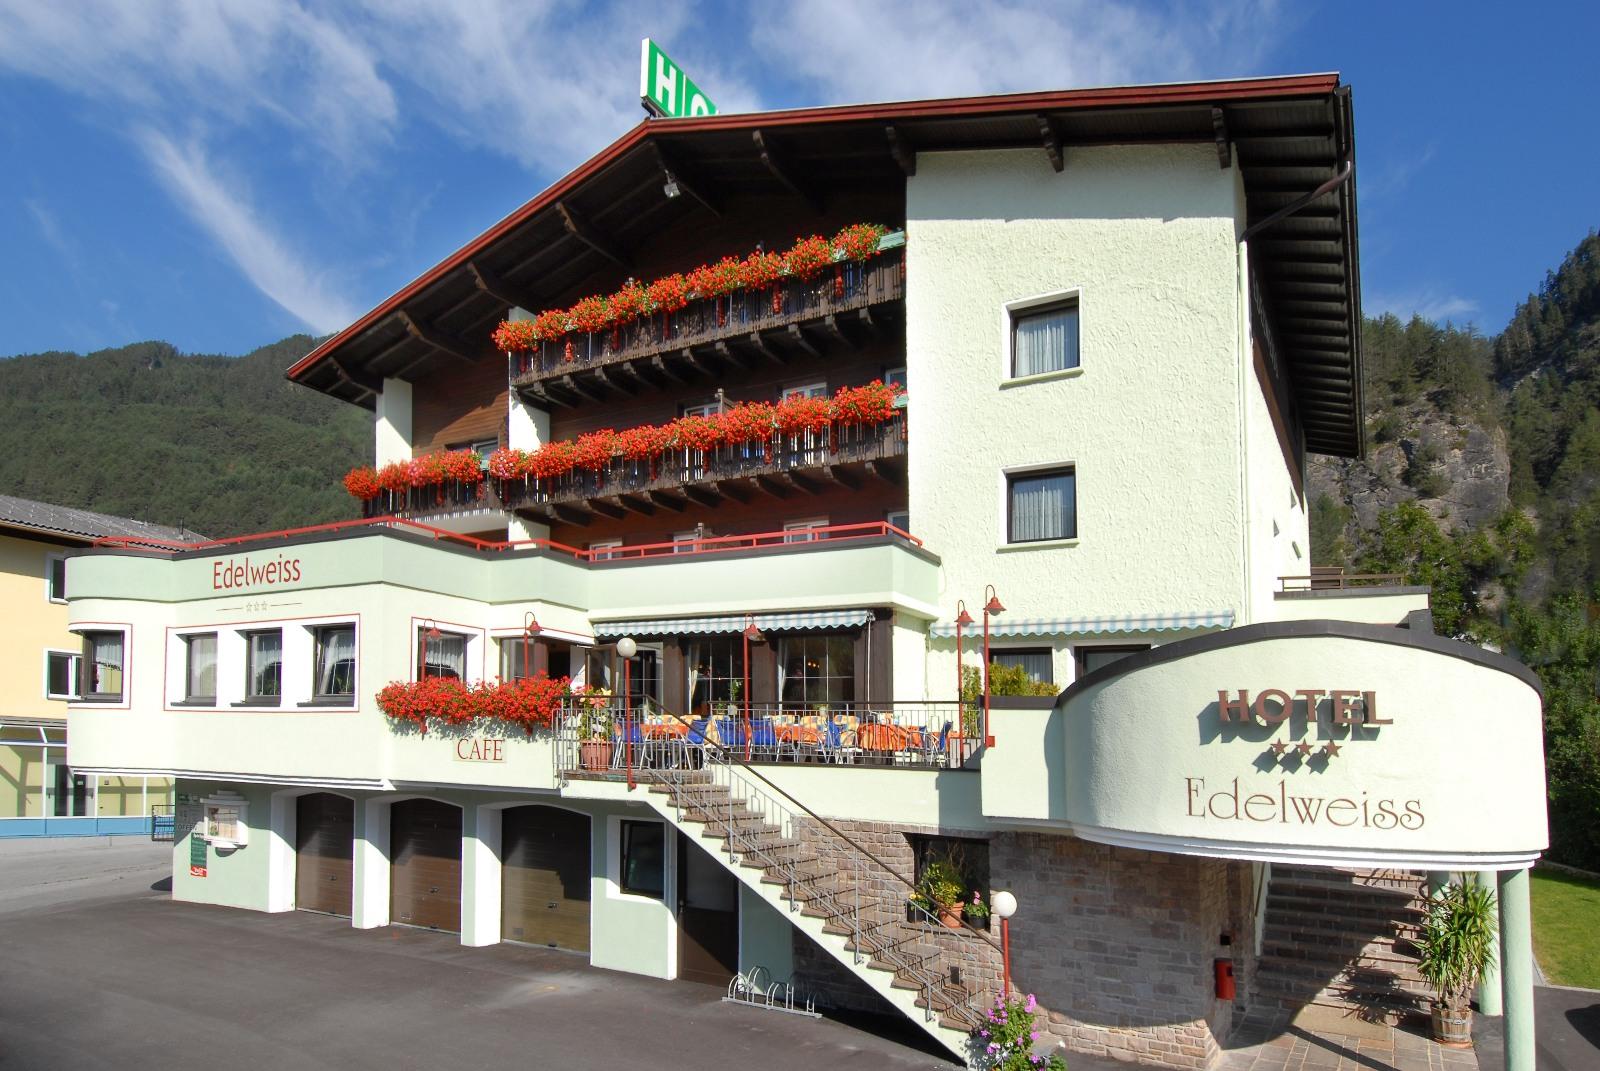 Das Hotel Edelweiss in Pfunds ist ein Partnerhotel von beitune